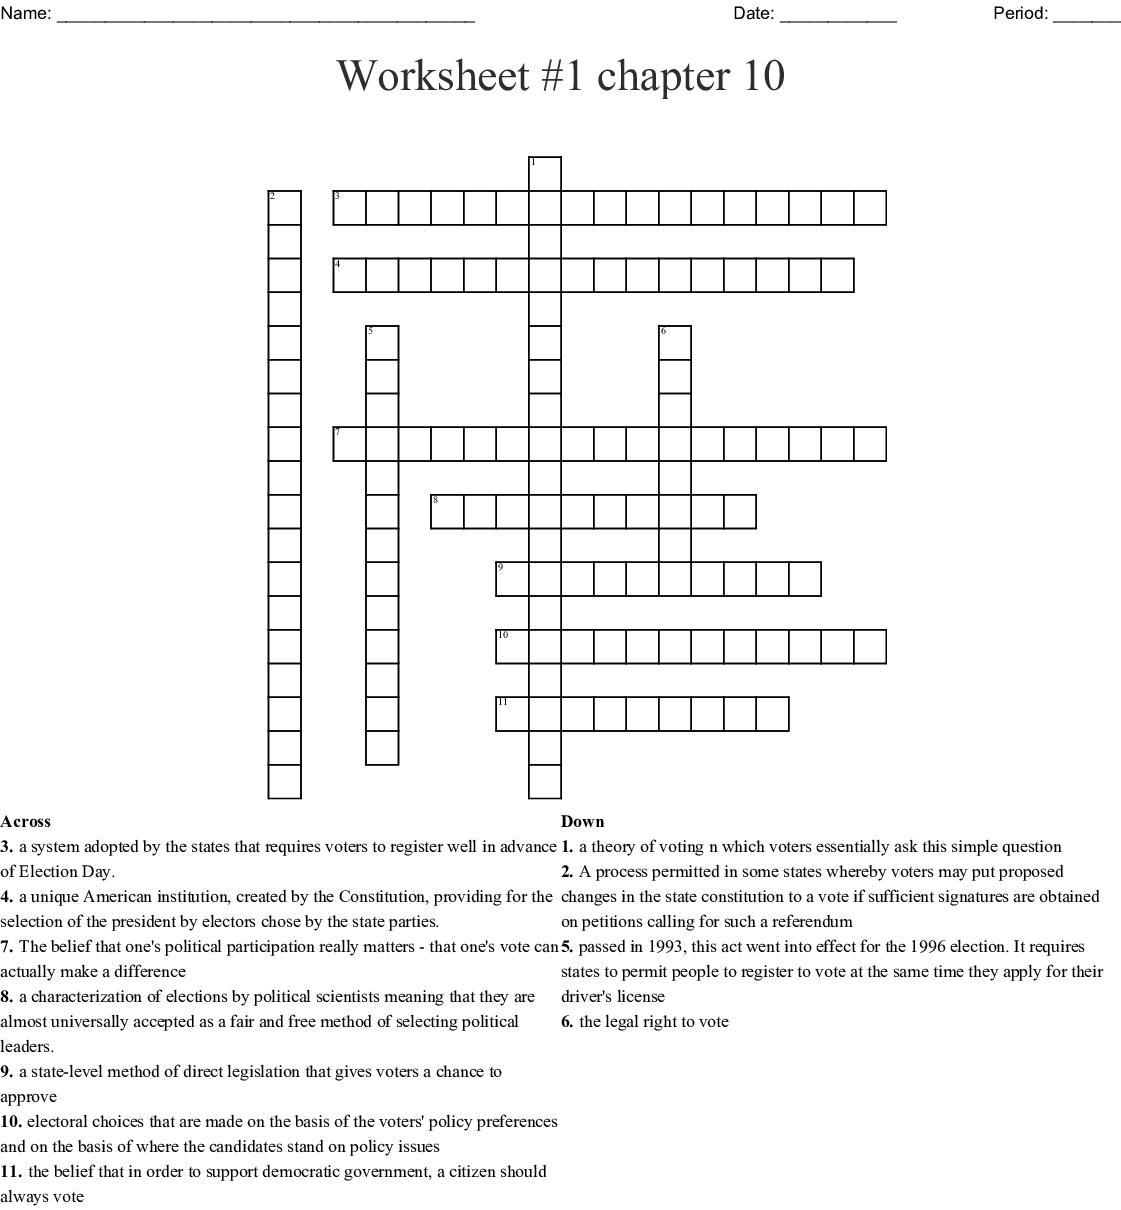 Bestseller Chapter 10 Worksheet